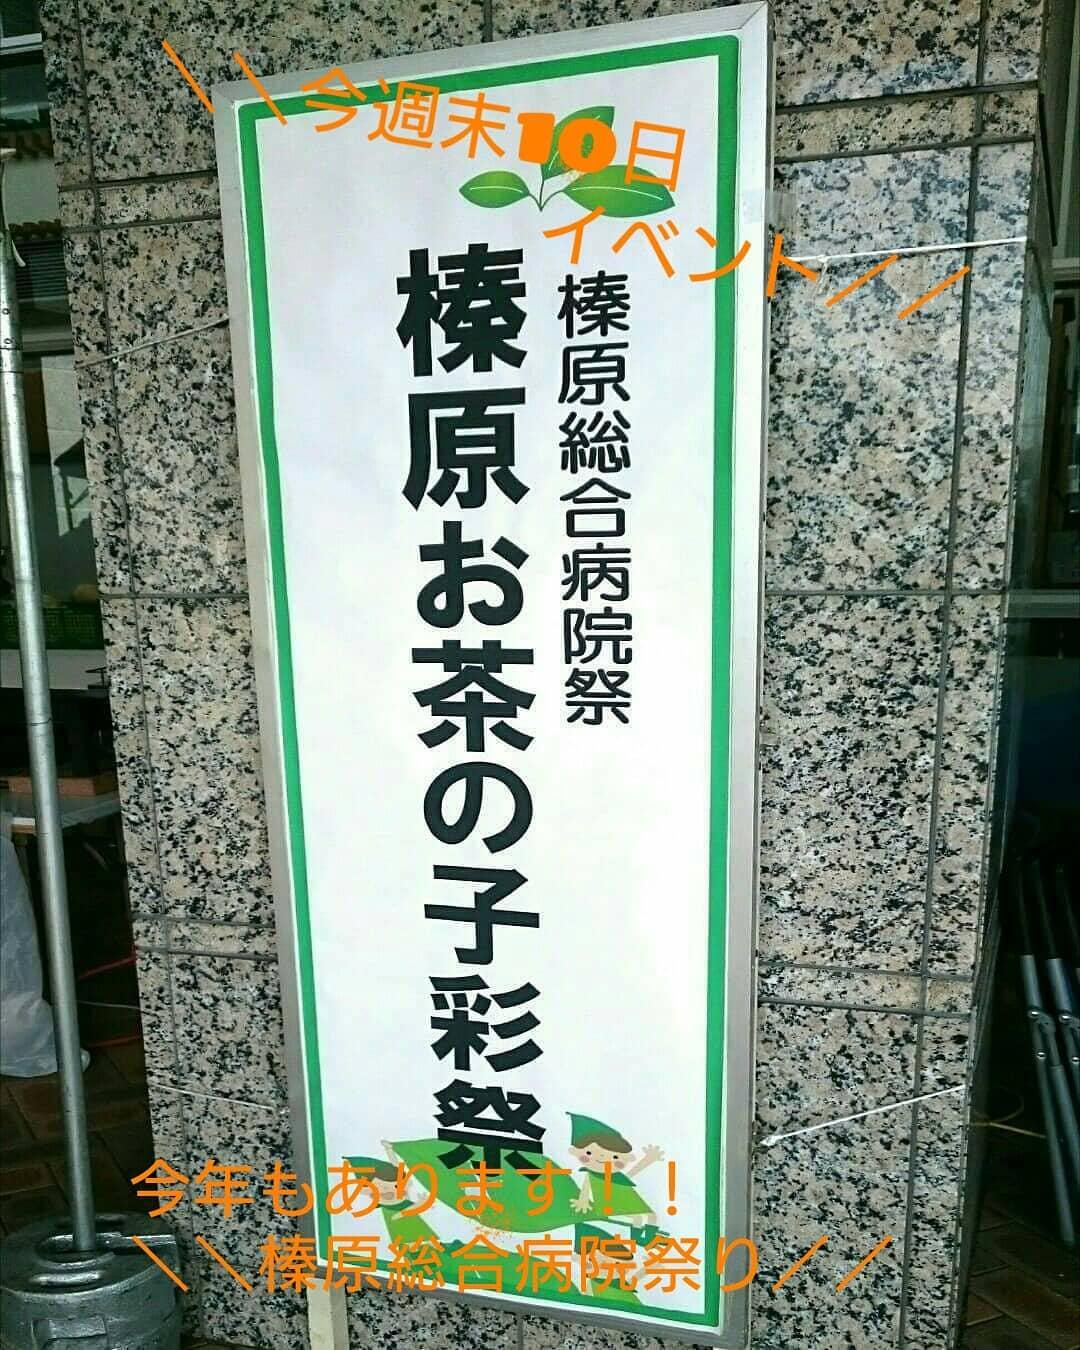 ☆ 今年もやります!榛原総合病院祭